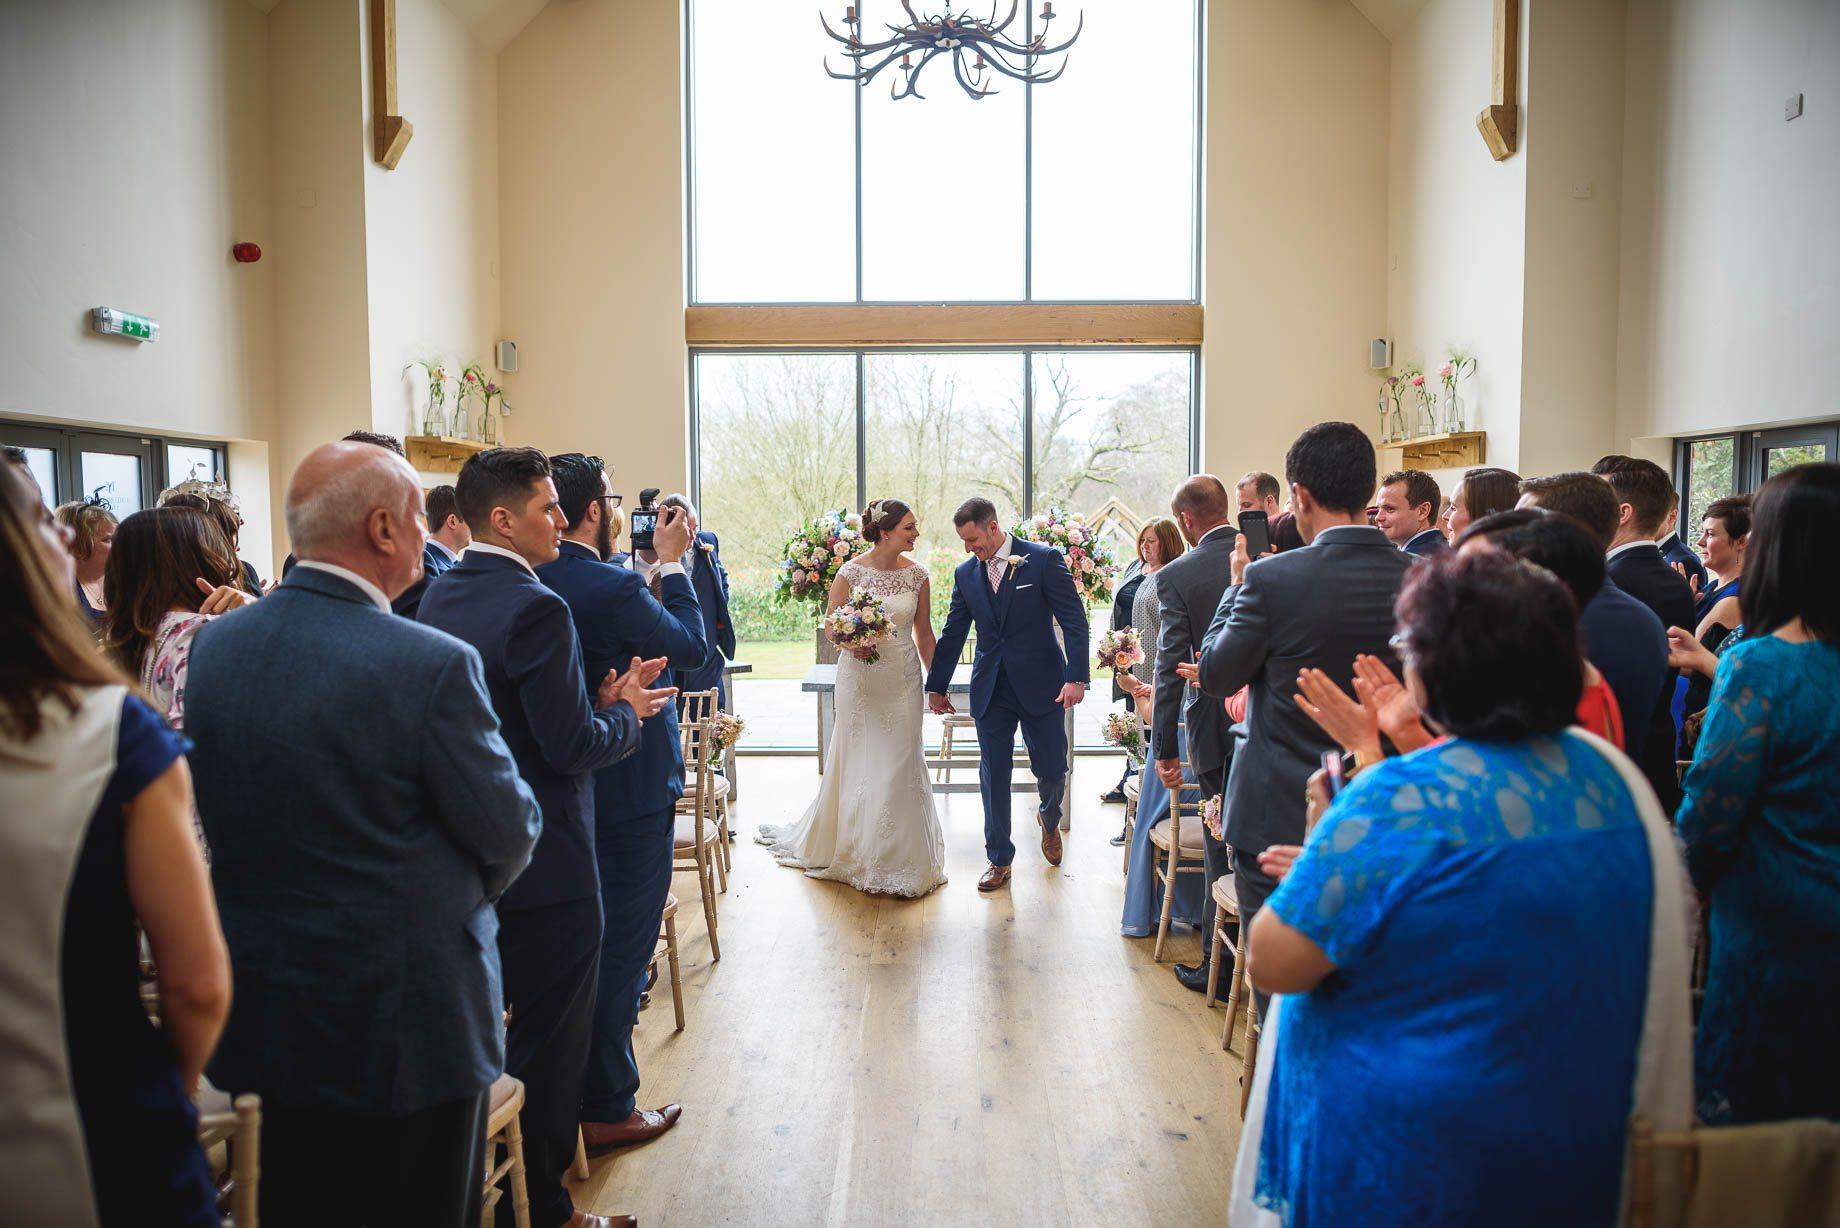 Millbridge Court Wedding Photography - Lisa and Daniel (64 of 173)